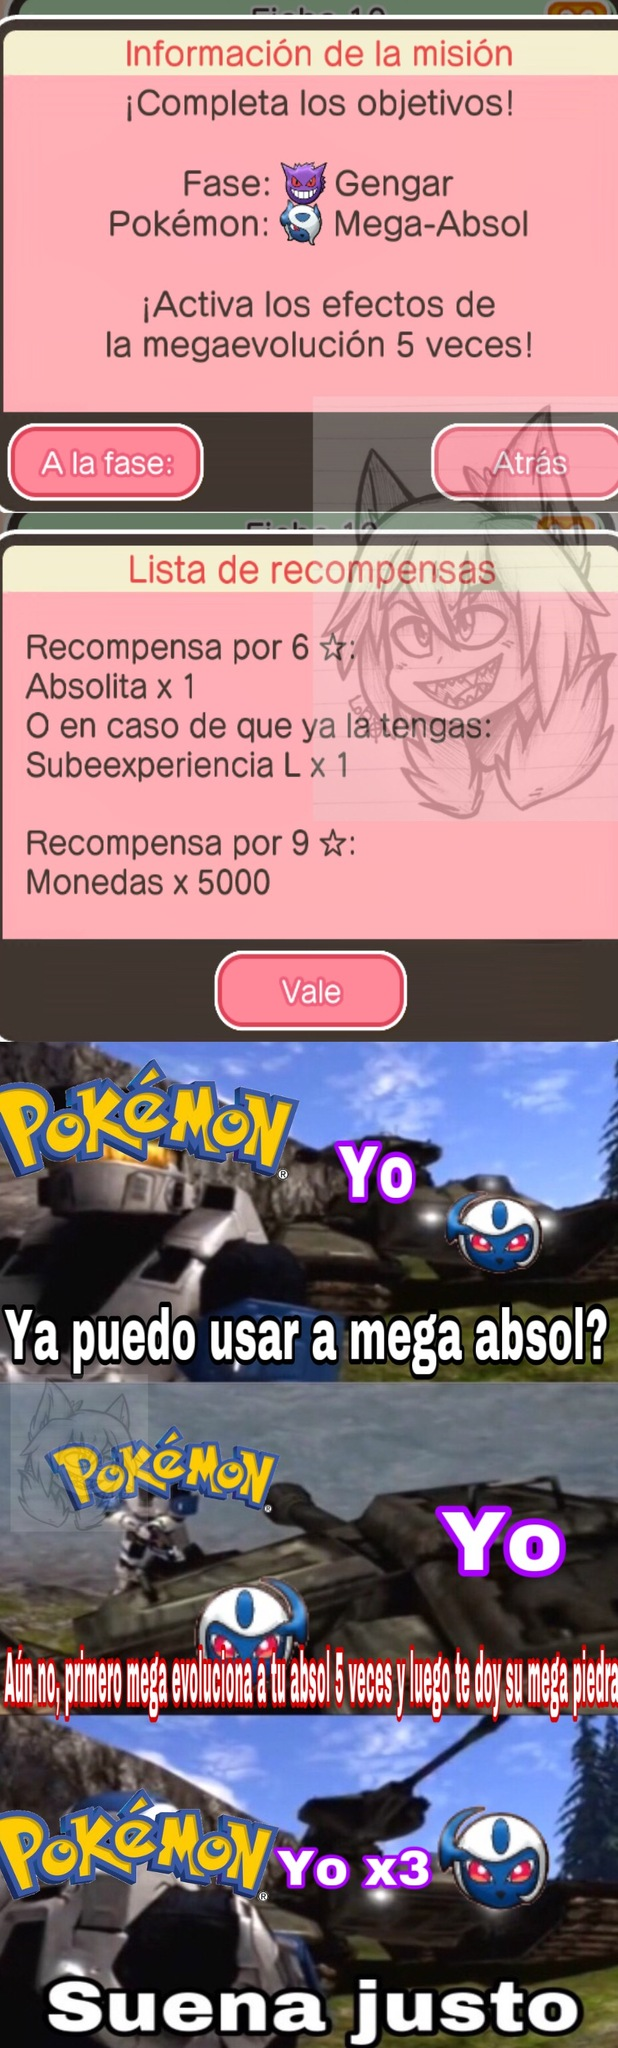 Me pide como requisito para que me den una mega piedra megaevolucionar al pokemon del que no tengo piedra - meme